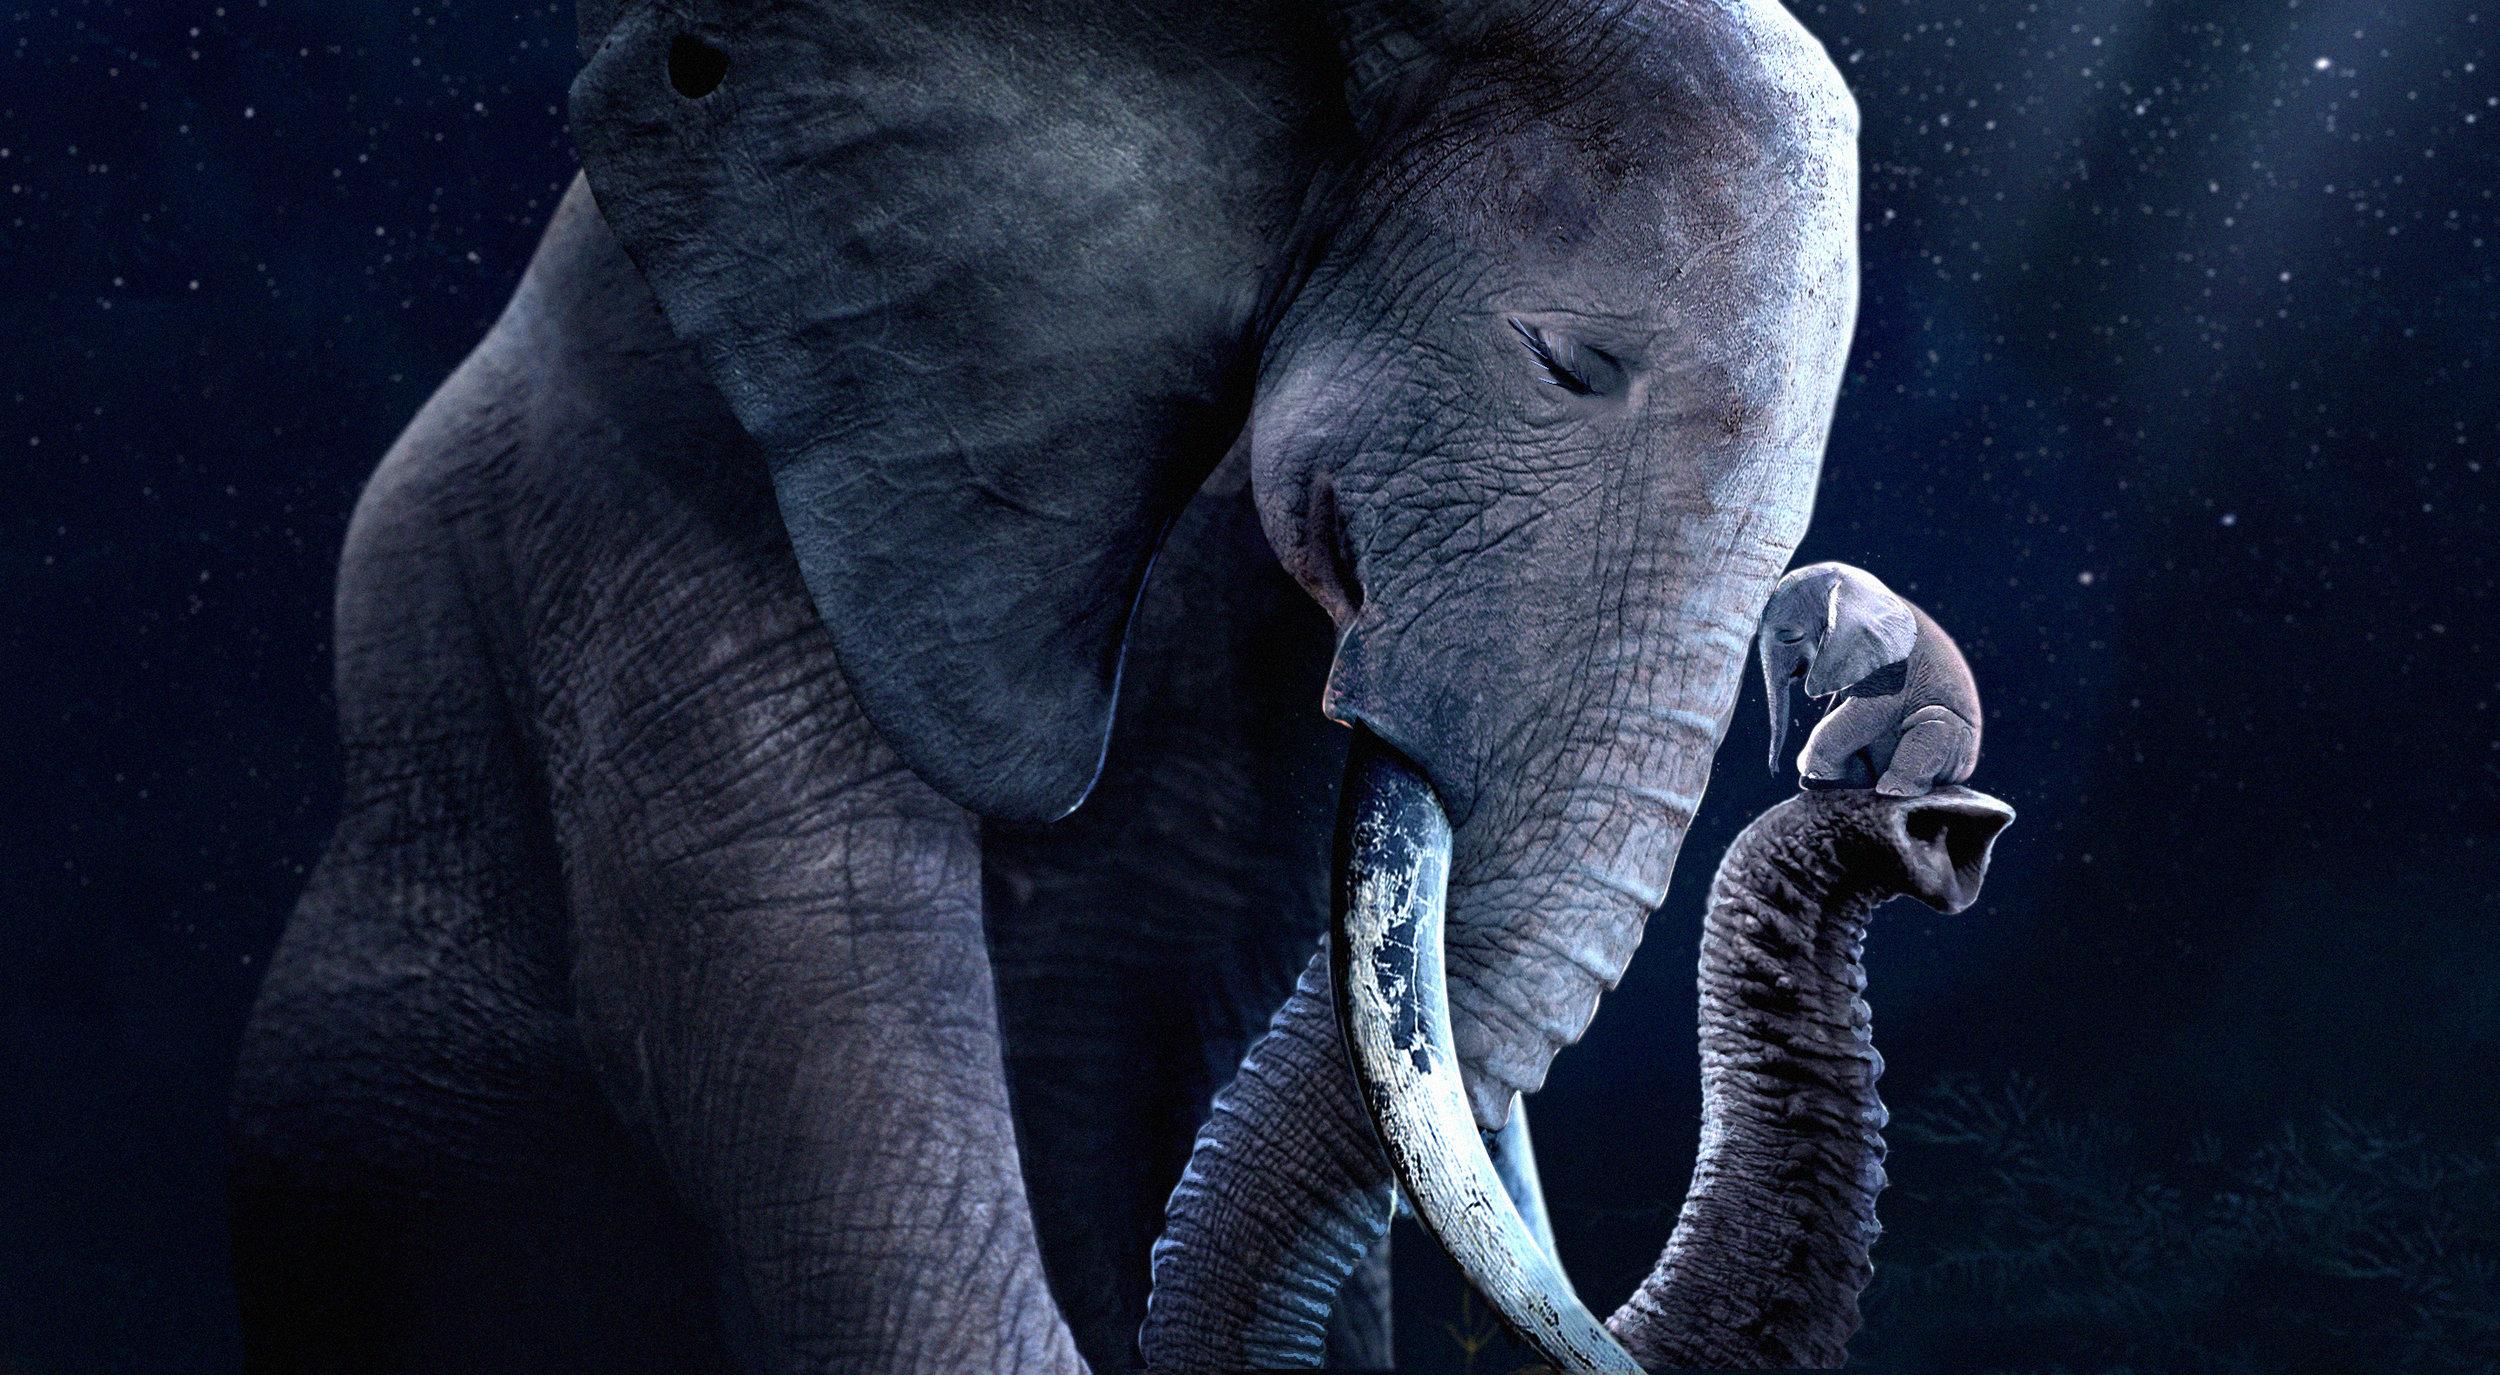 THE TINY ELEPHANT